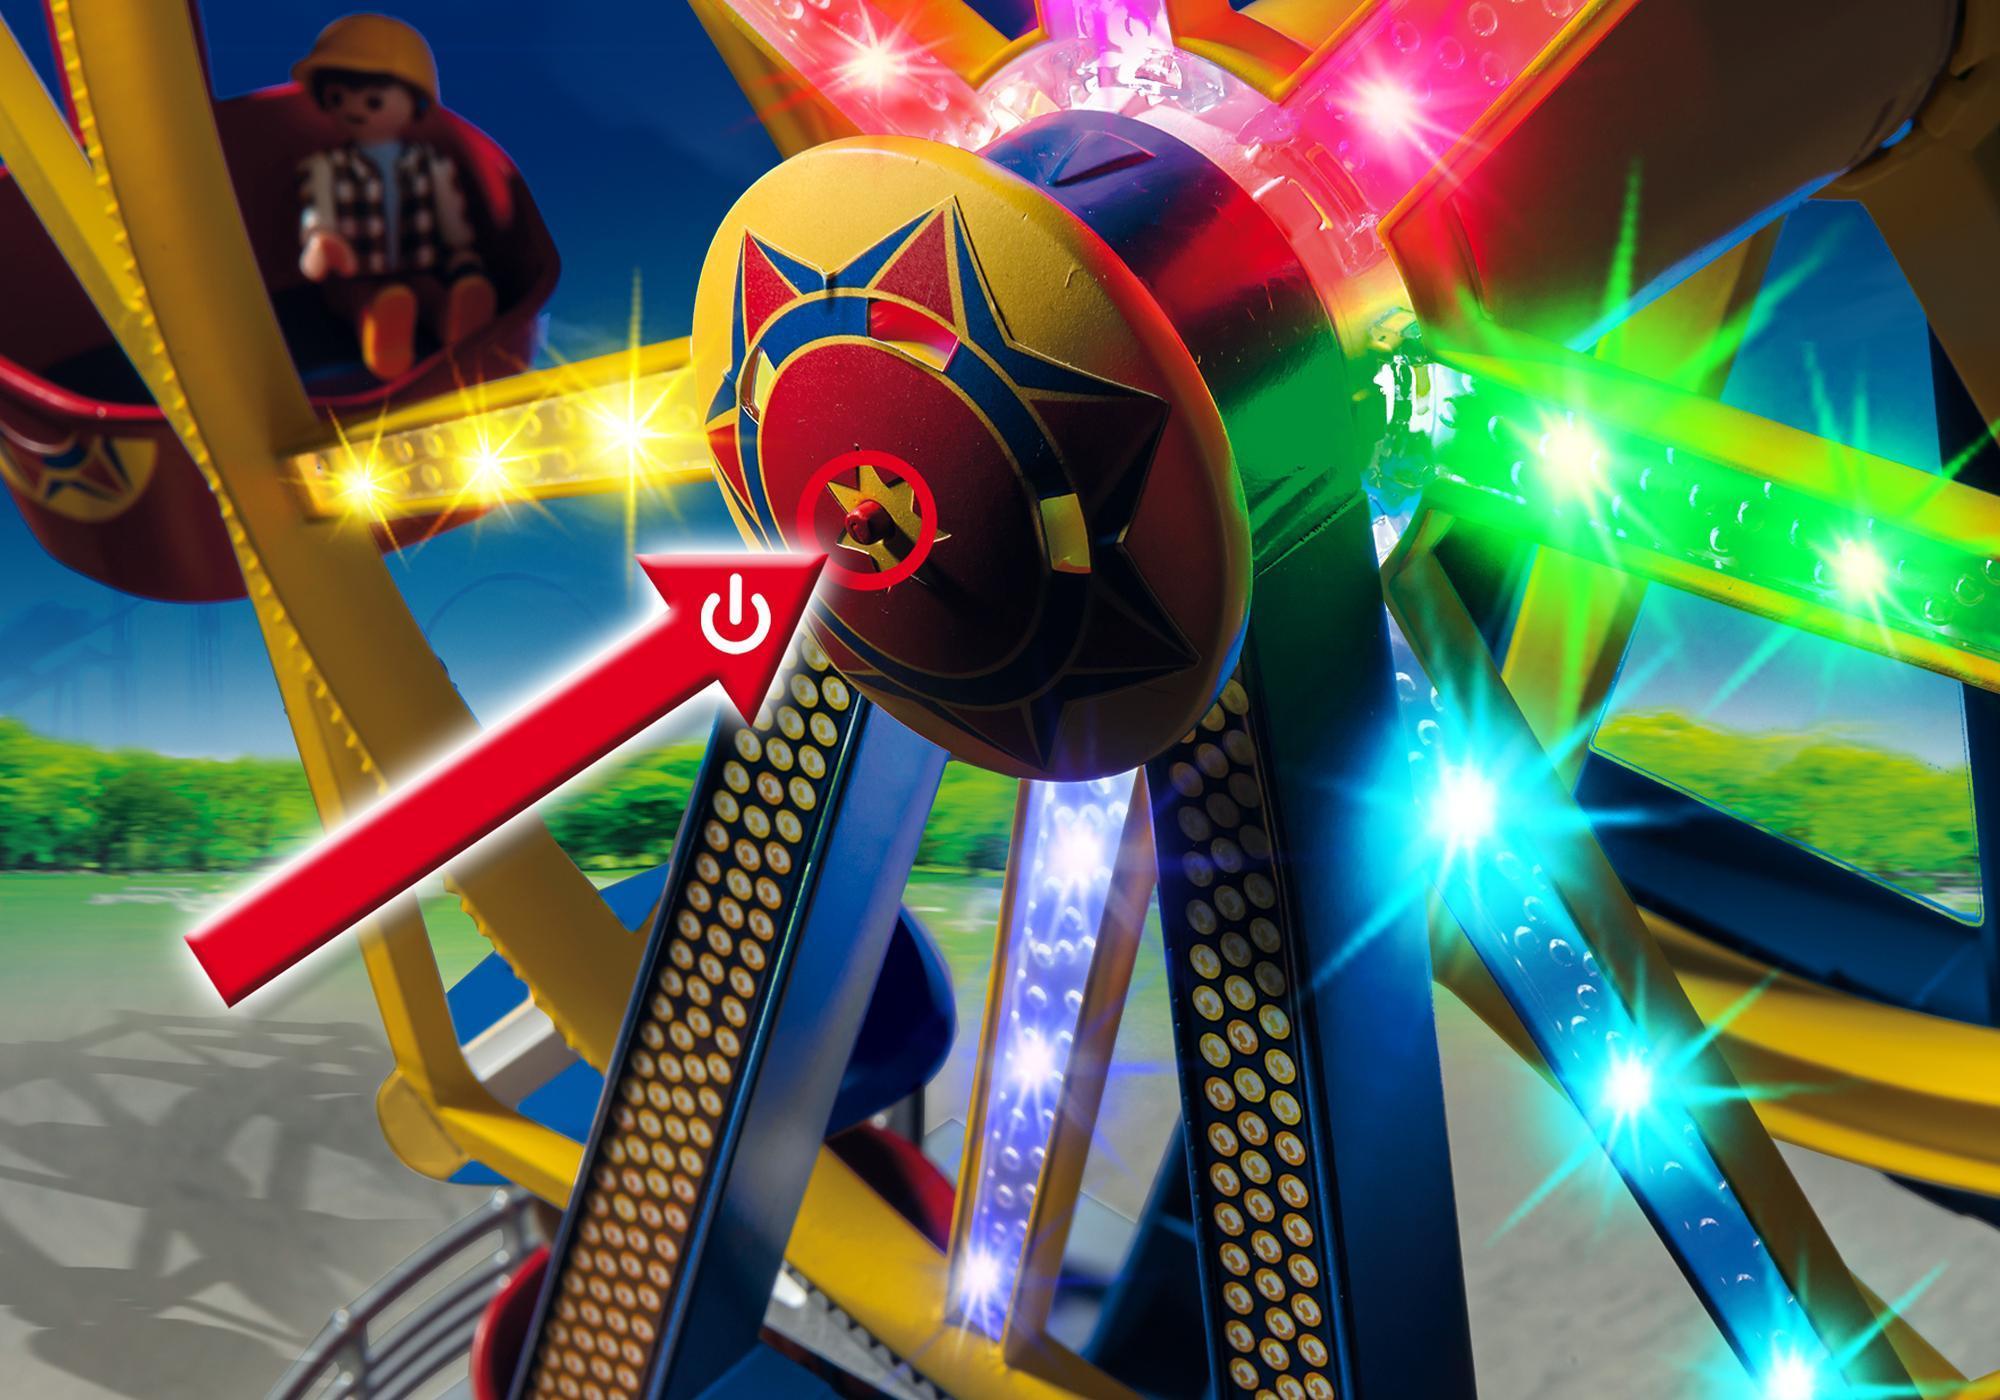 http://media.playmobil.com/i/playmobil/5552_product_extra1/Noria con Luces